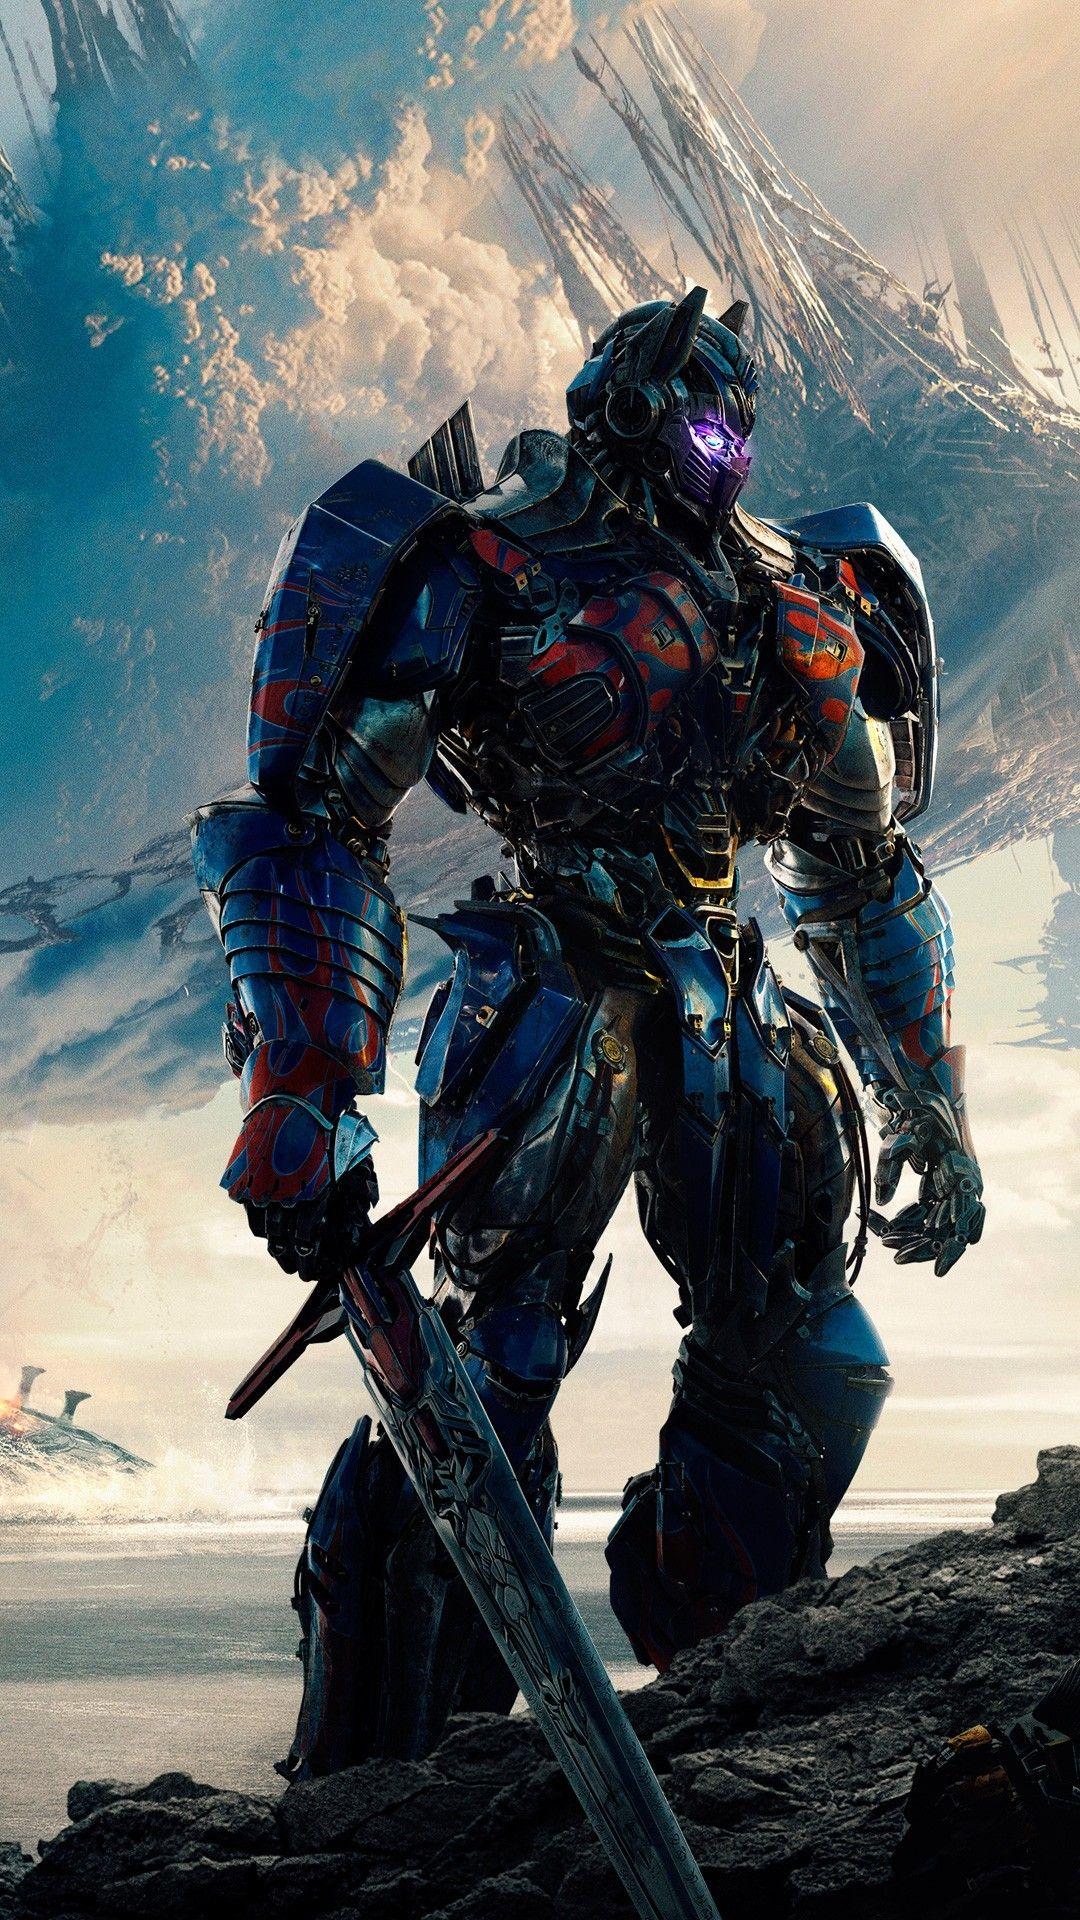 1080x1920 Hd Transformers The Last Knight Wallpaper